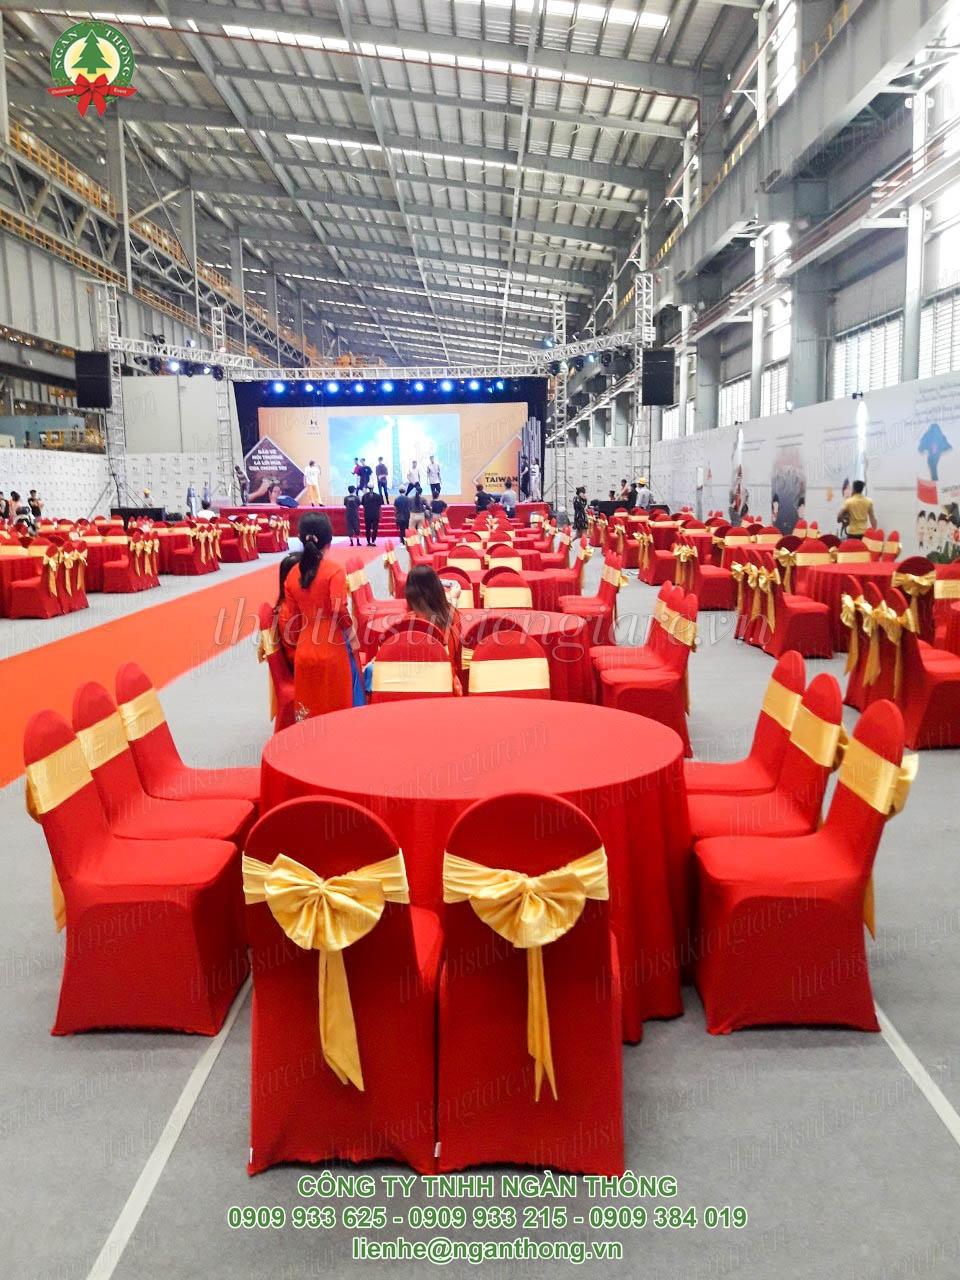 Tổ chức sự kiện Chị Thi-Vũng Tàu